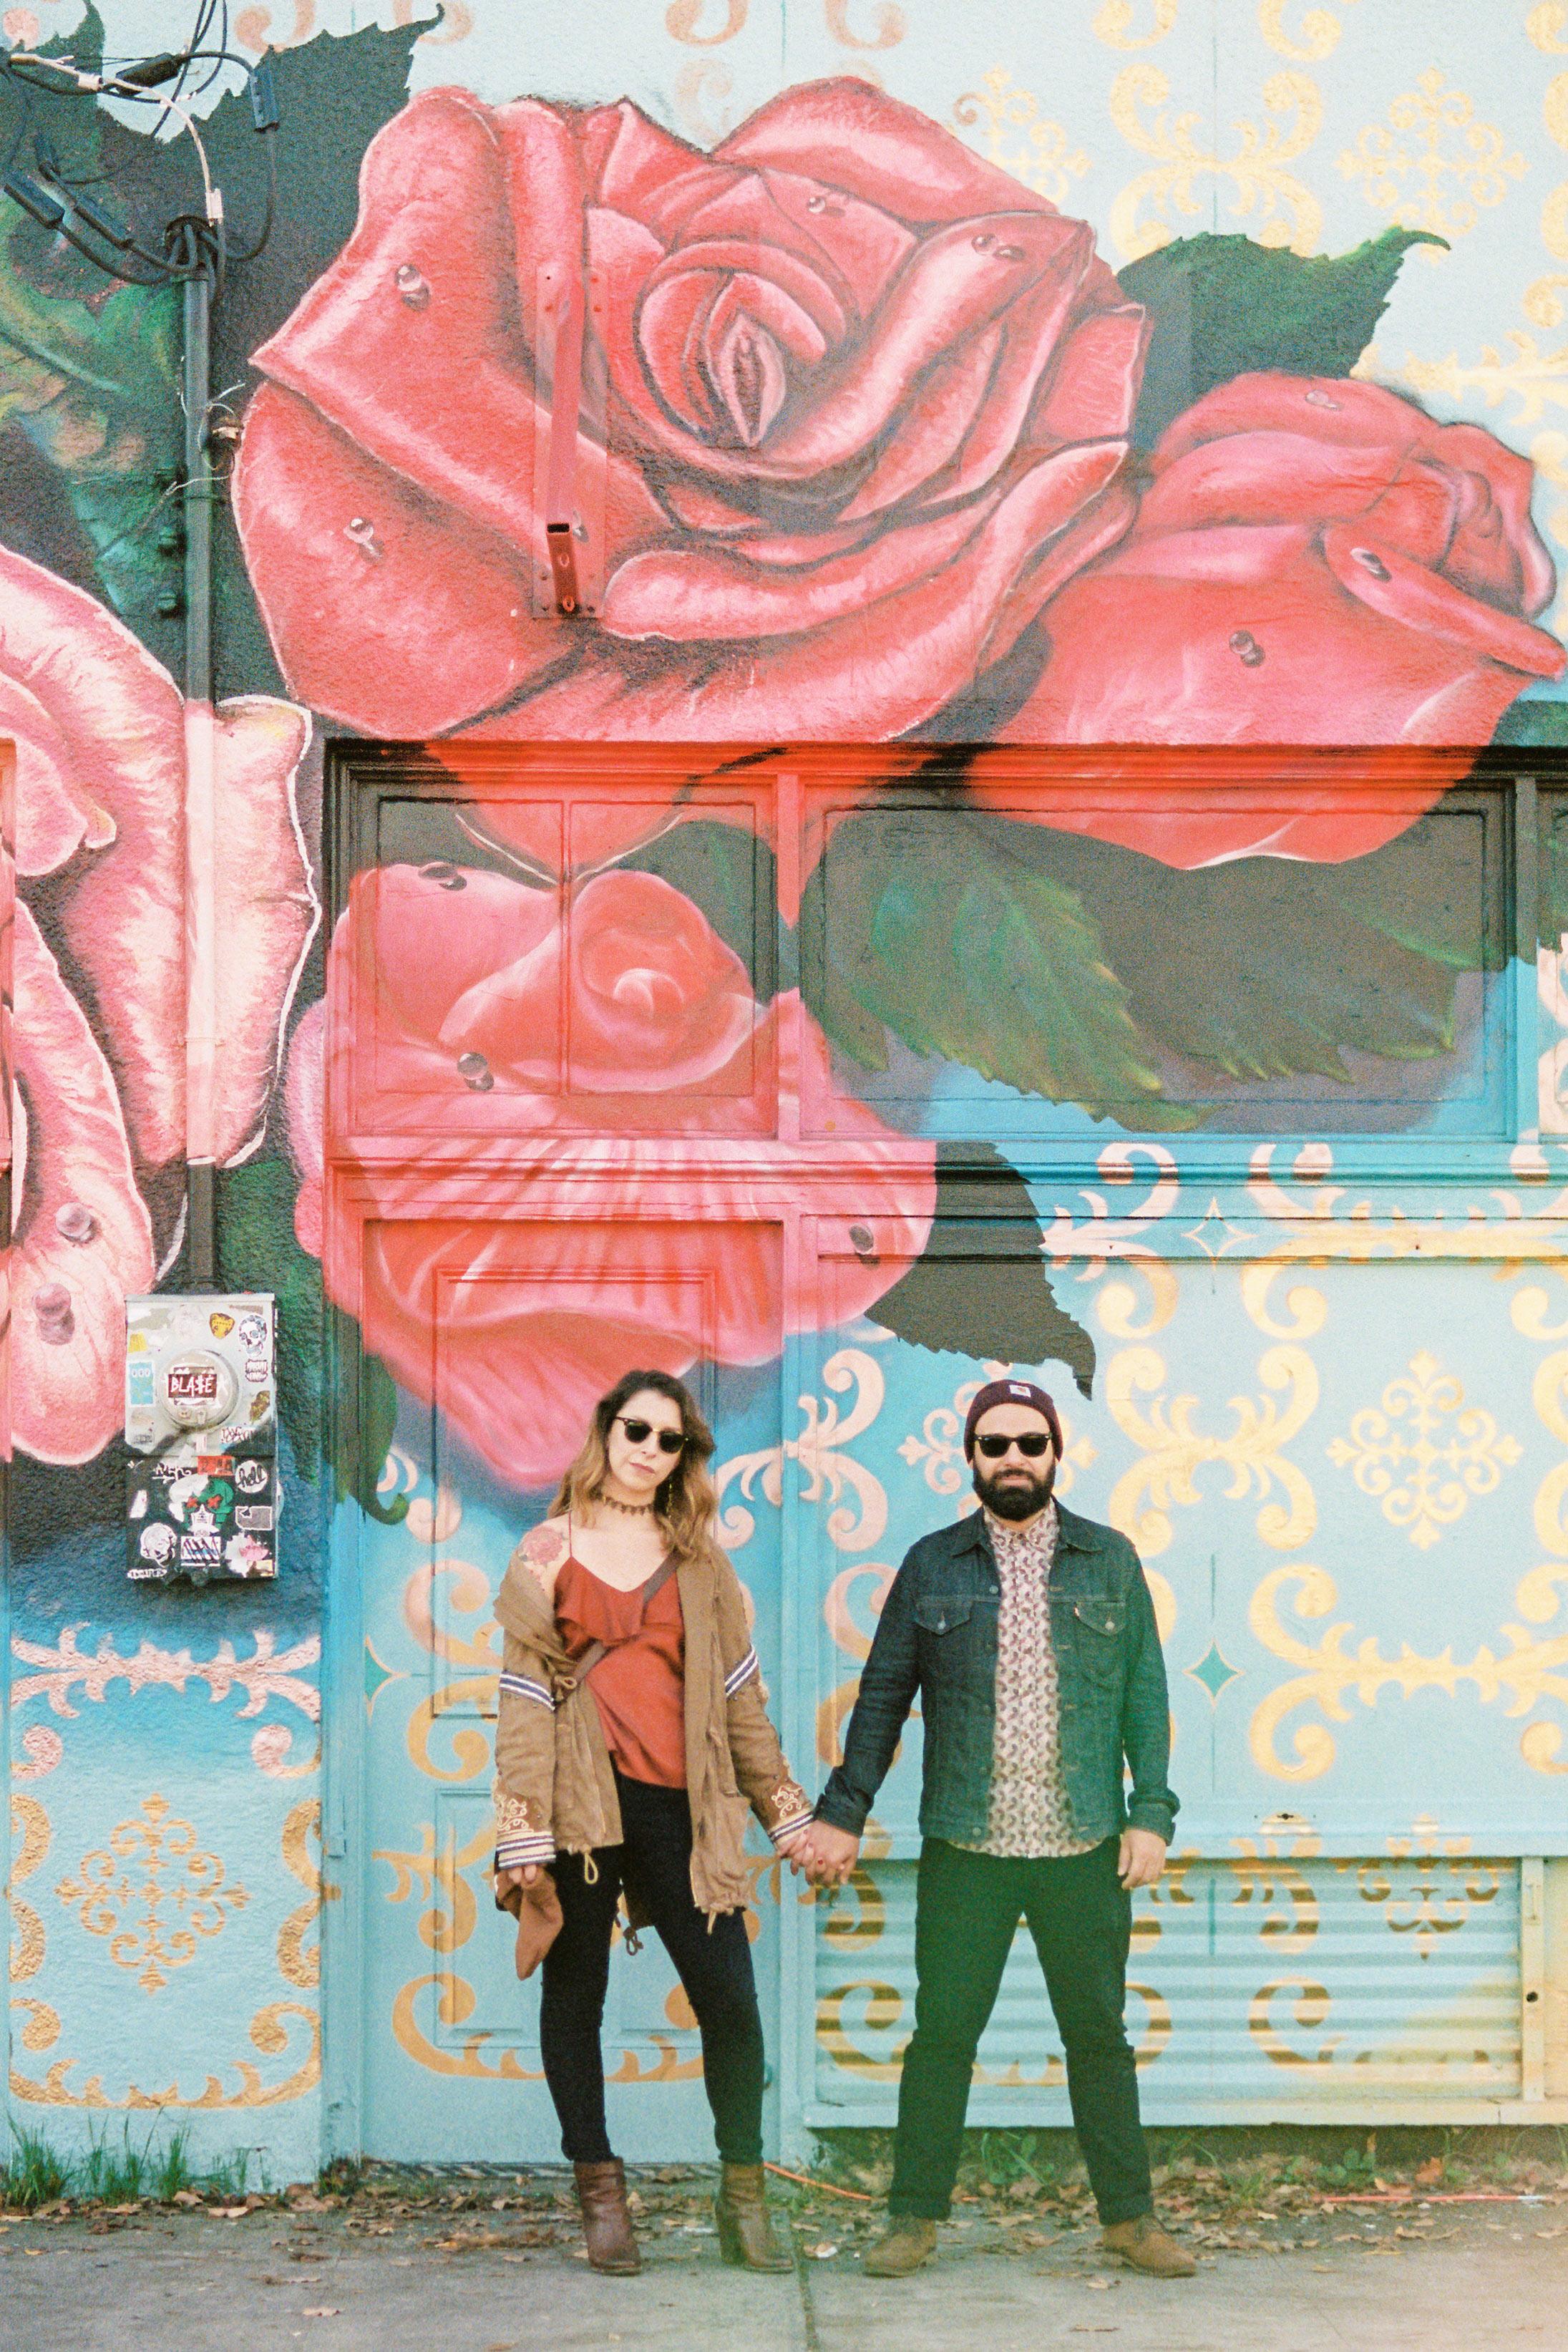 engagement photo ideas true grace